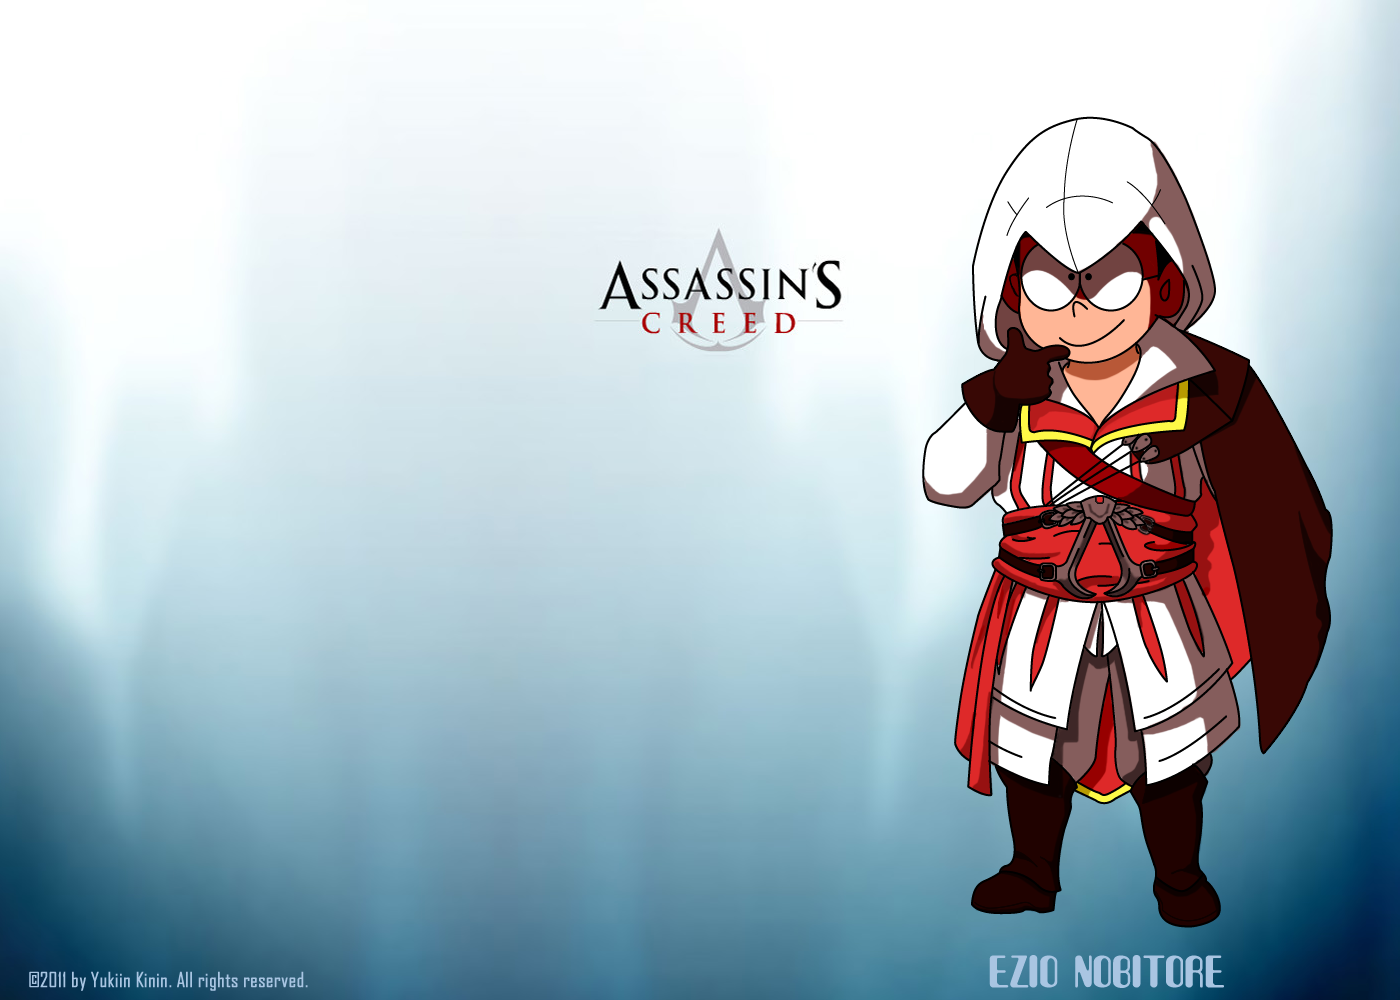 Ezio Nobitore